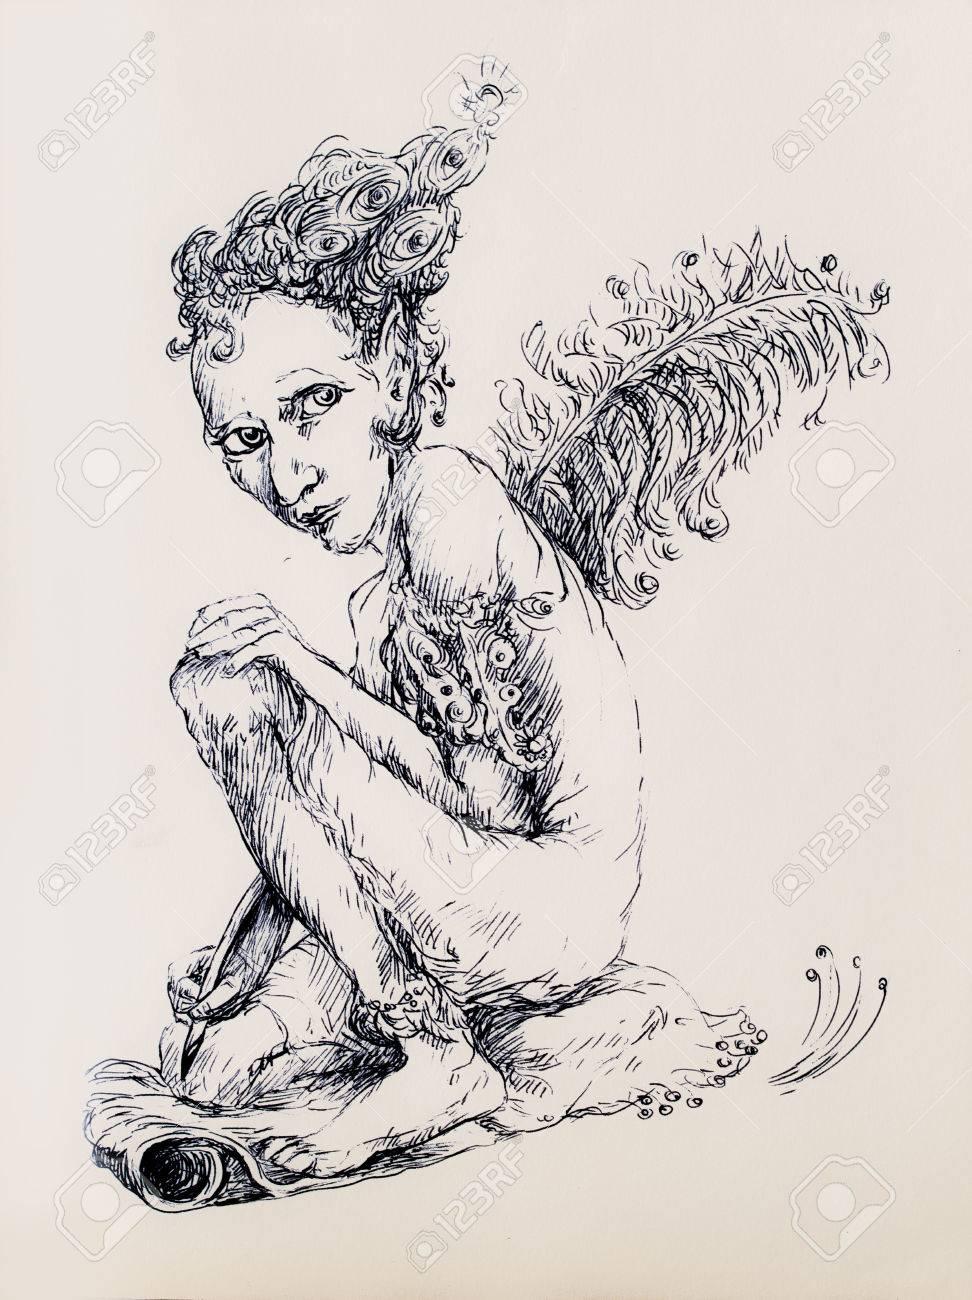 Beau Dessin D Ornement Linéaire Détaillée D Une Créature Elfique Comme Un écrivain Magique Avec Une Plume D Autruche